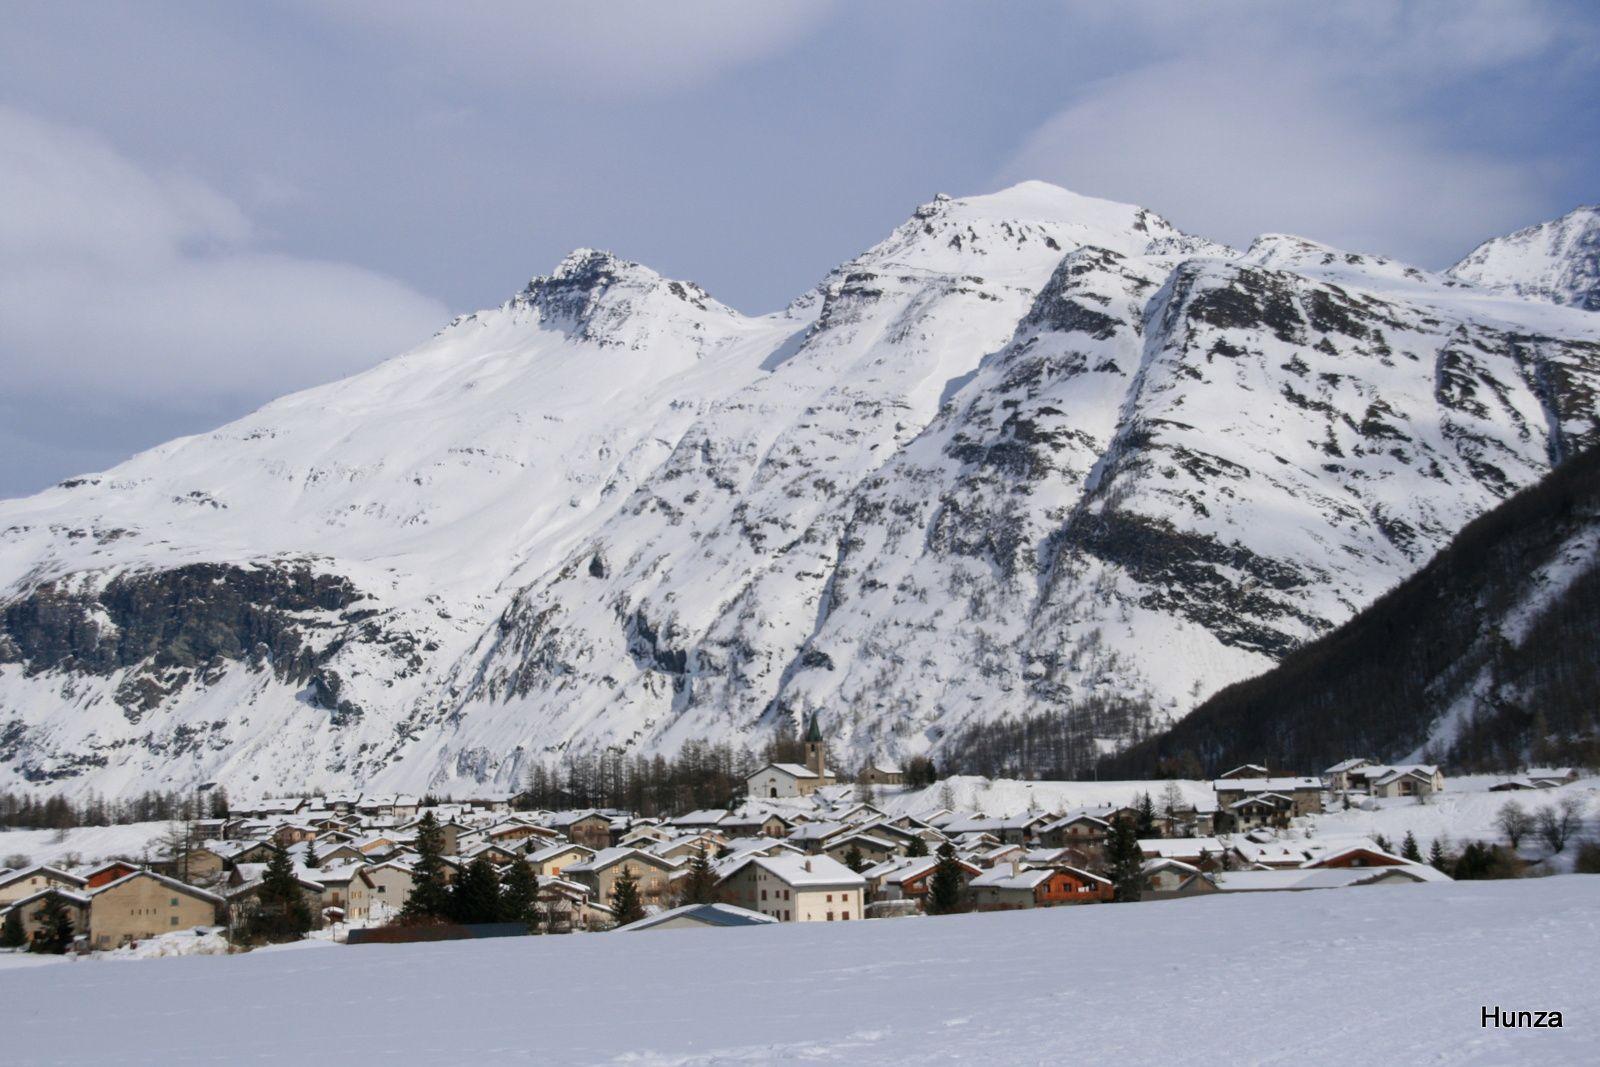 La piste piétonnière et l'arrivée à Bessans que dominent la Pointe d'Andagne (3 217 m) et l'Ouille Allegra (3 130 m)